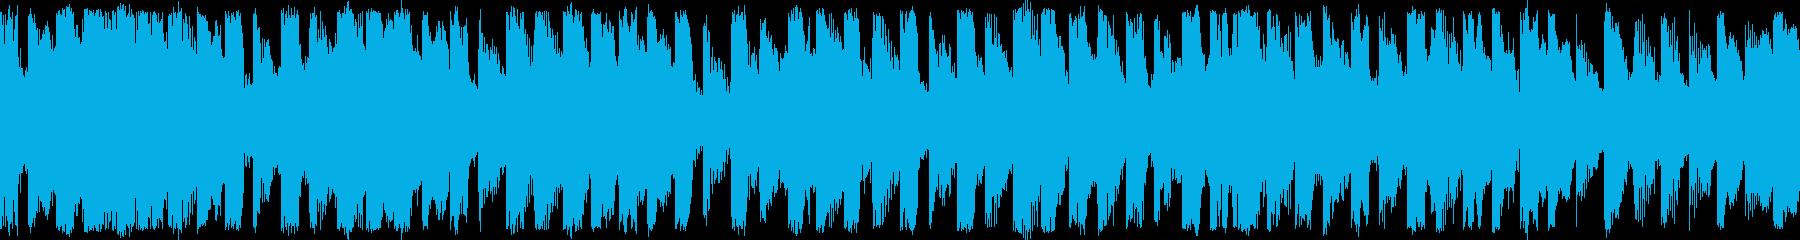 エレクトロニック シンセサイザー ...の再生済みの波形